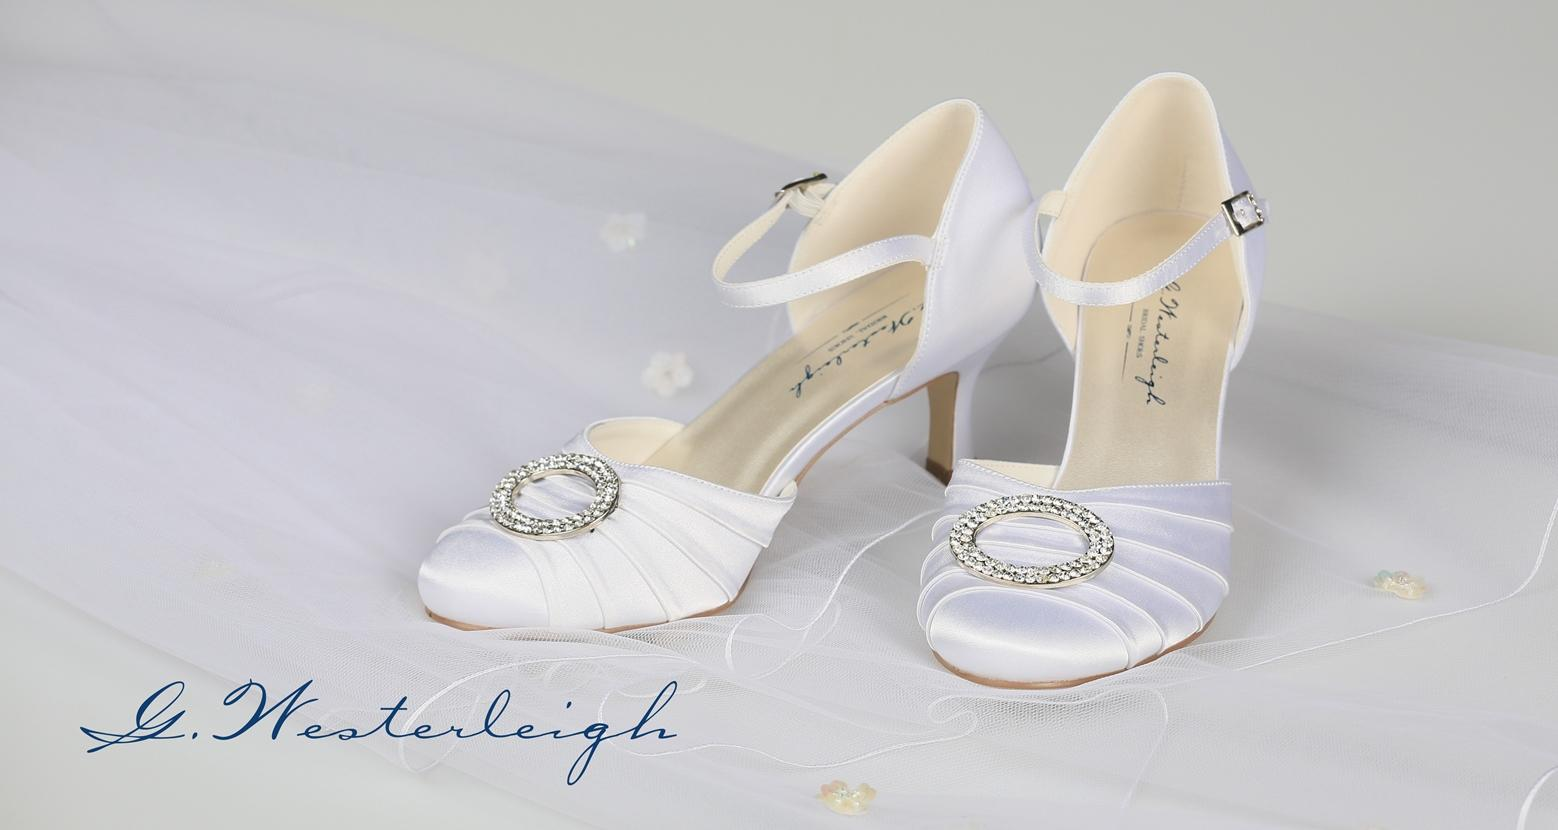 Biele svadobné topánky s remienkom - 35  - Obrázok č. 2